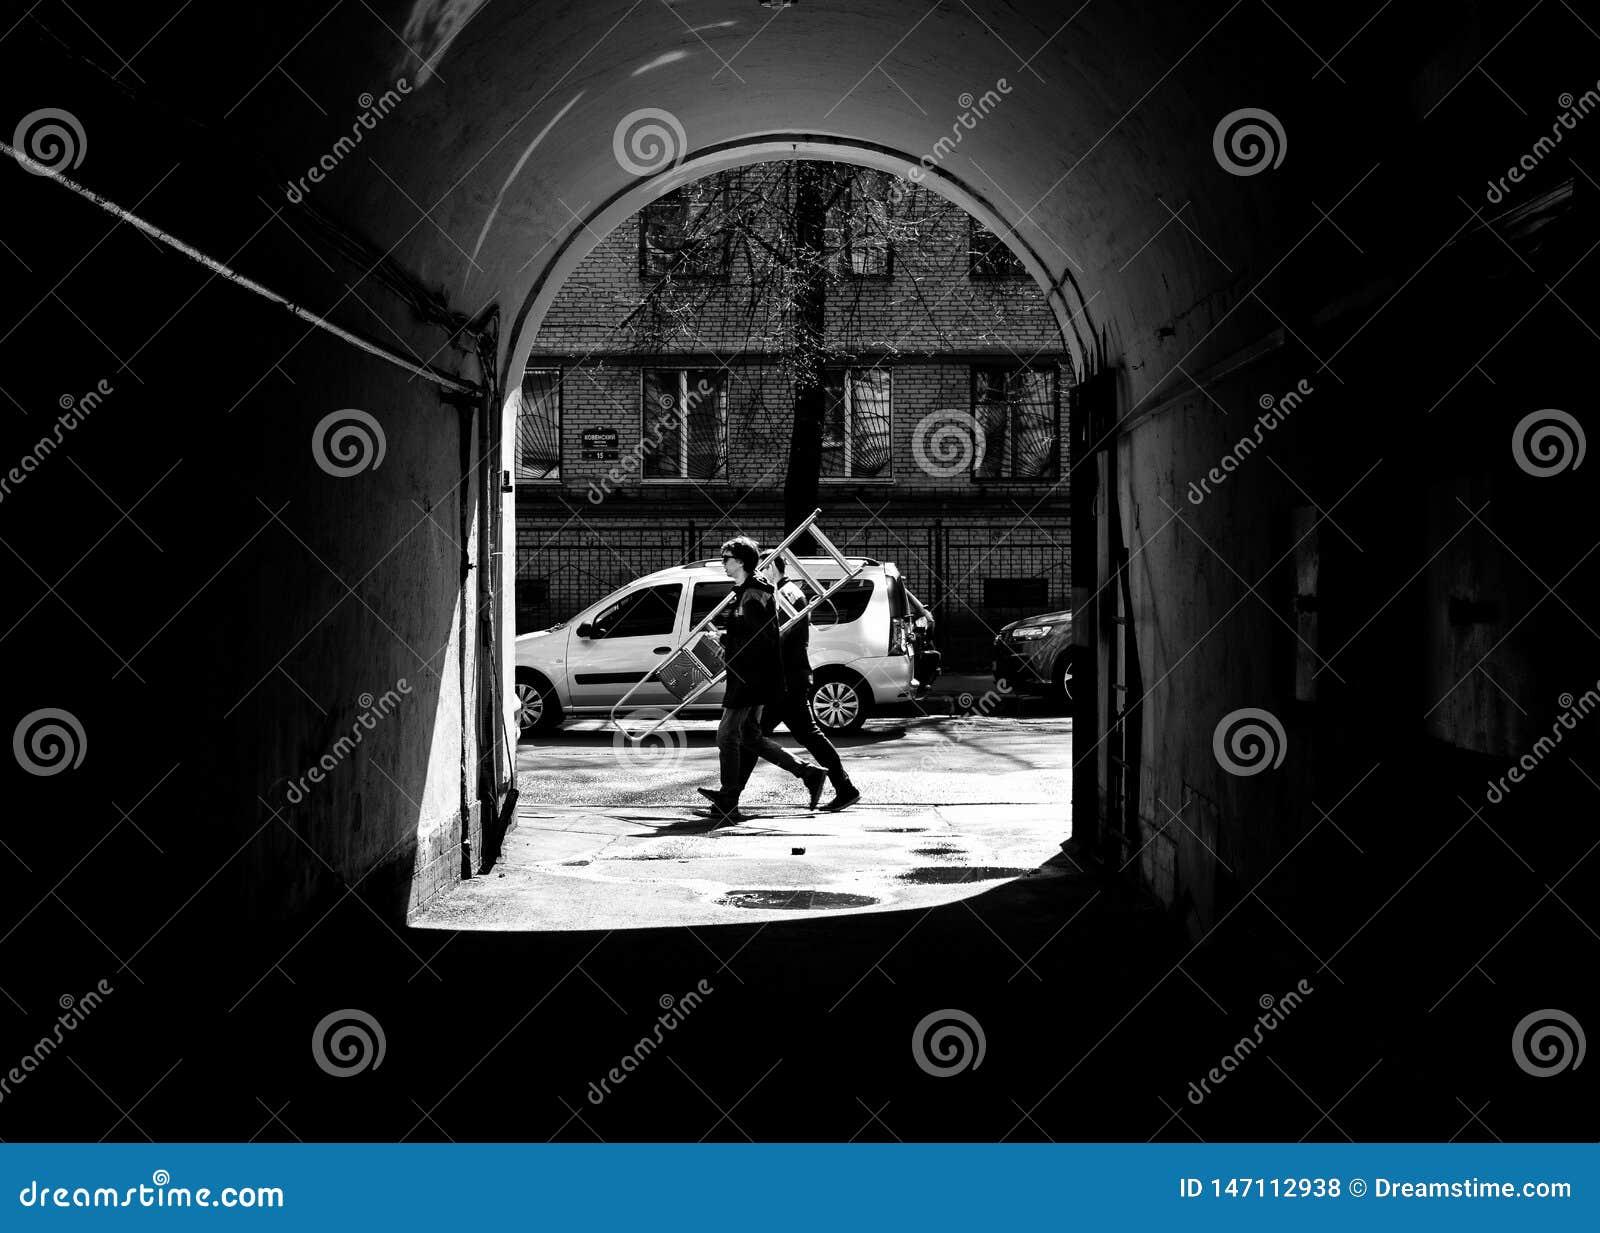 Men at work Saint Petersburg